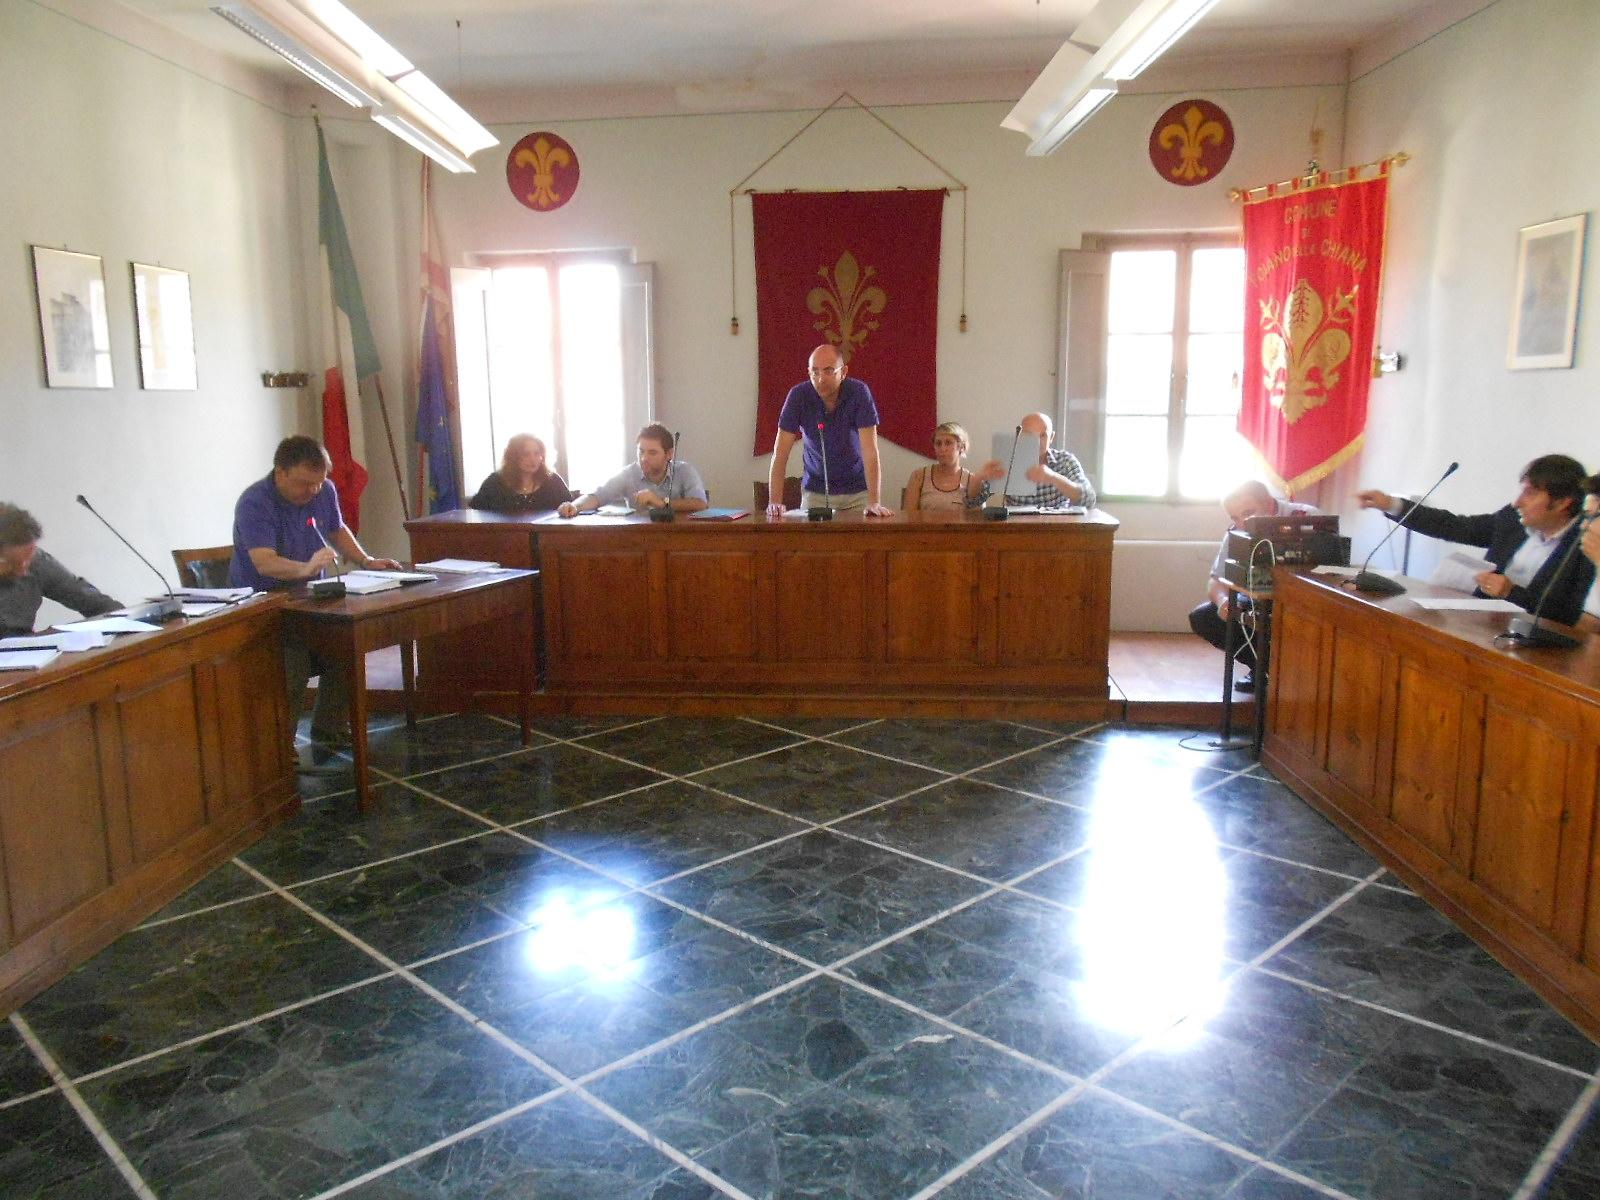 Ecco il nuovo Consiglio Comunale di Foiano